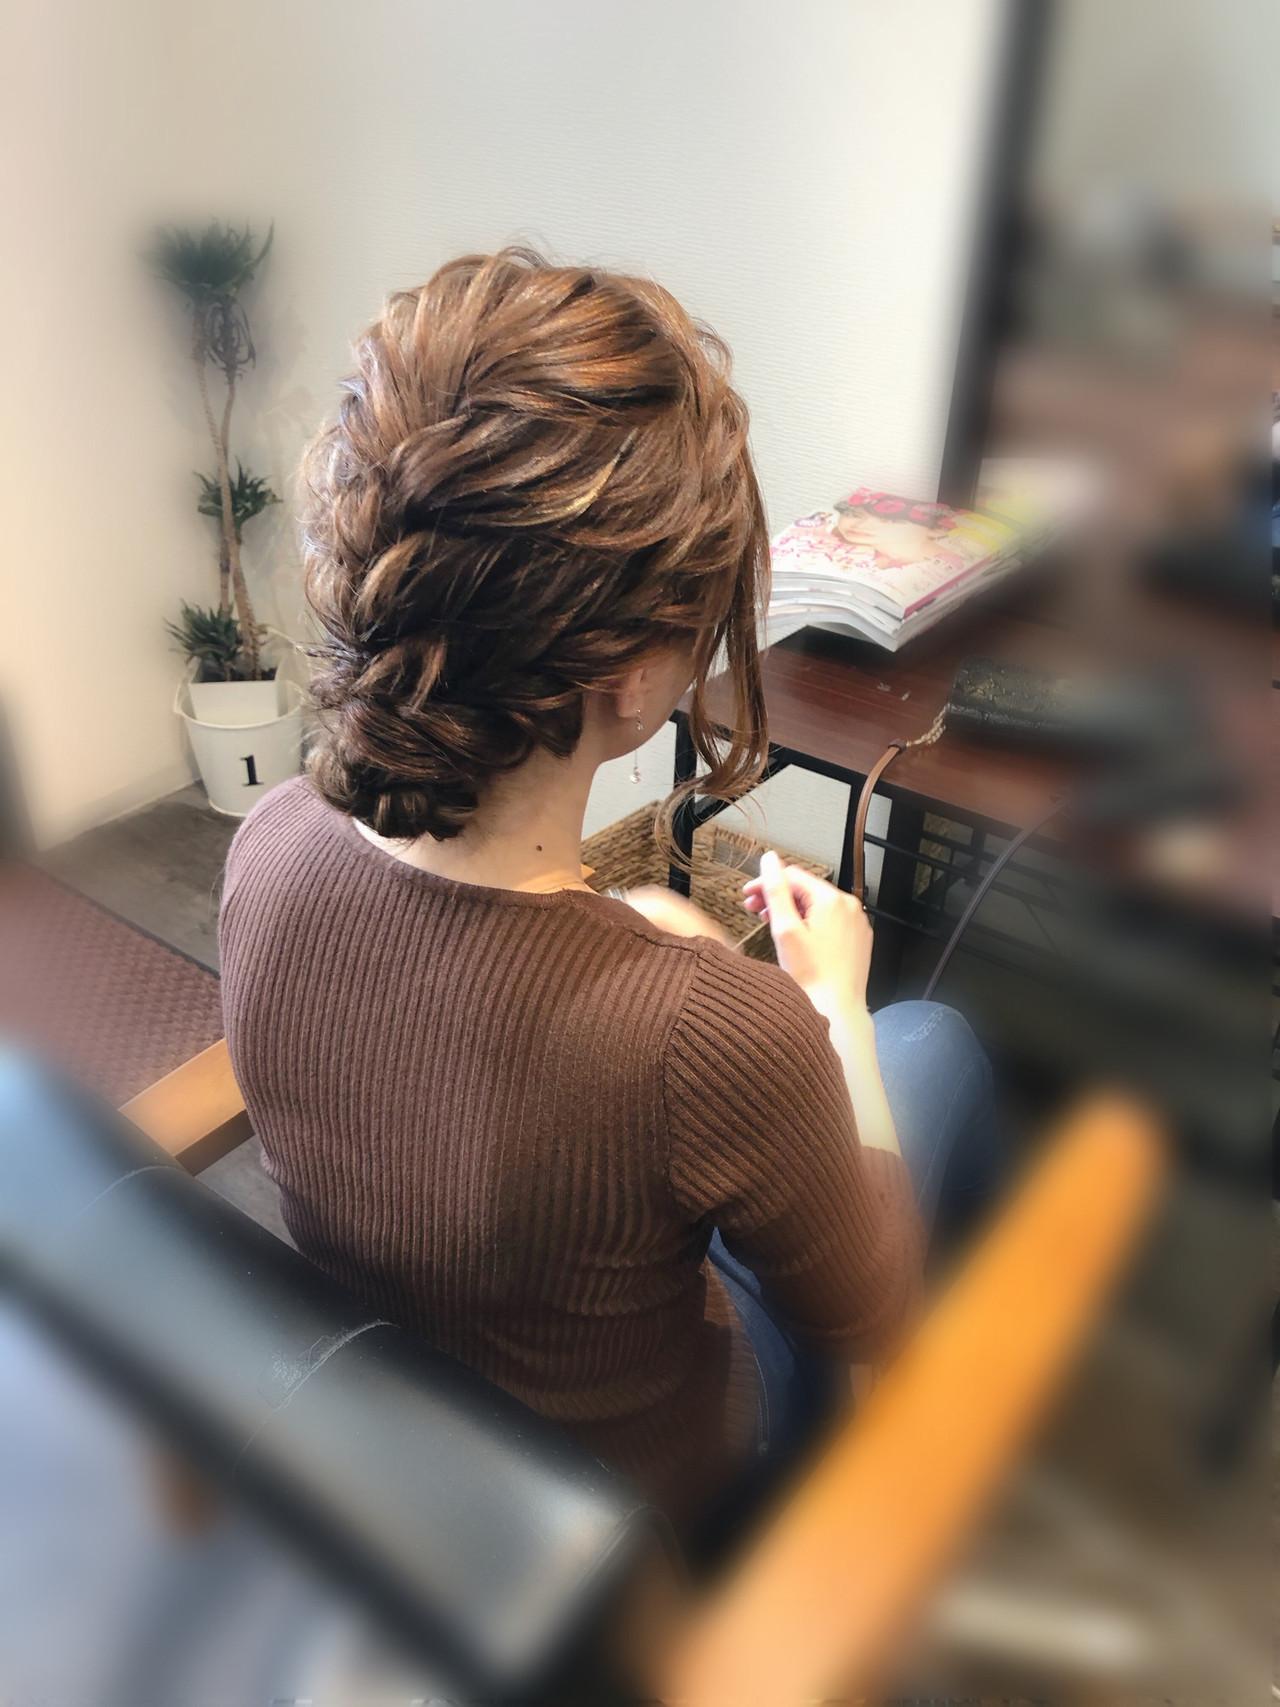 フェミニン 編み込みヘア 編み込み アップスタイル ヘアスタイルや髪型の写真・画像